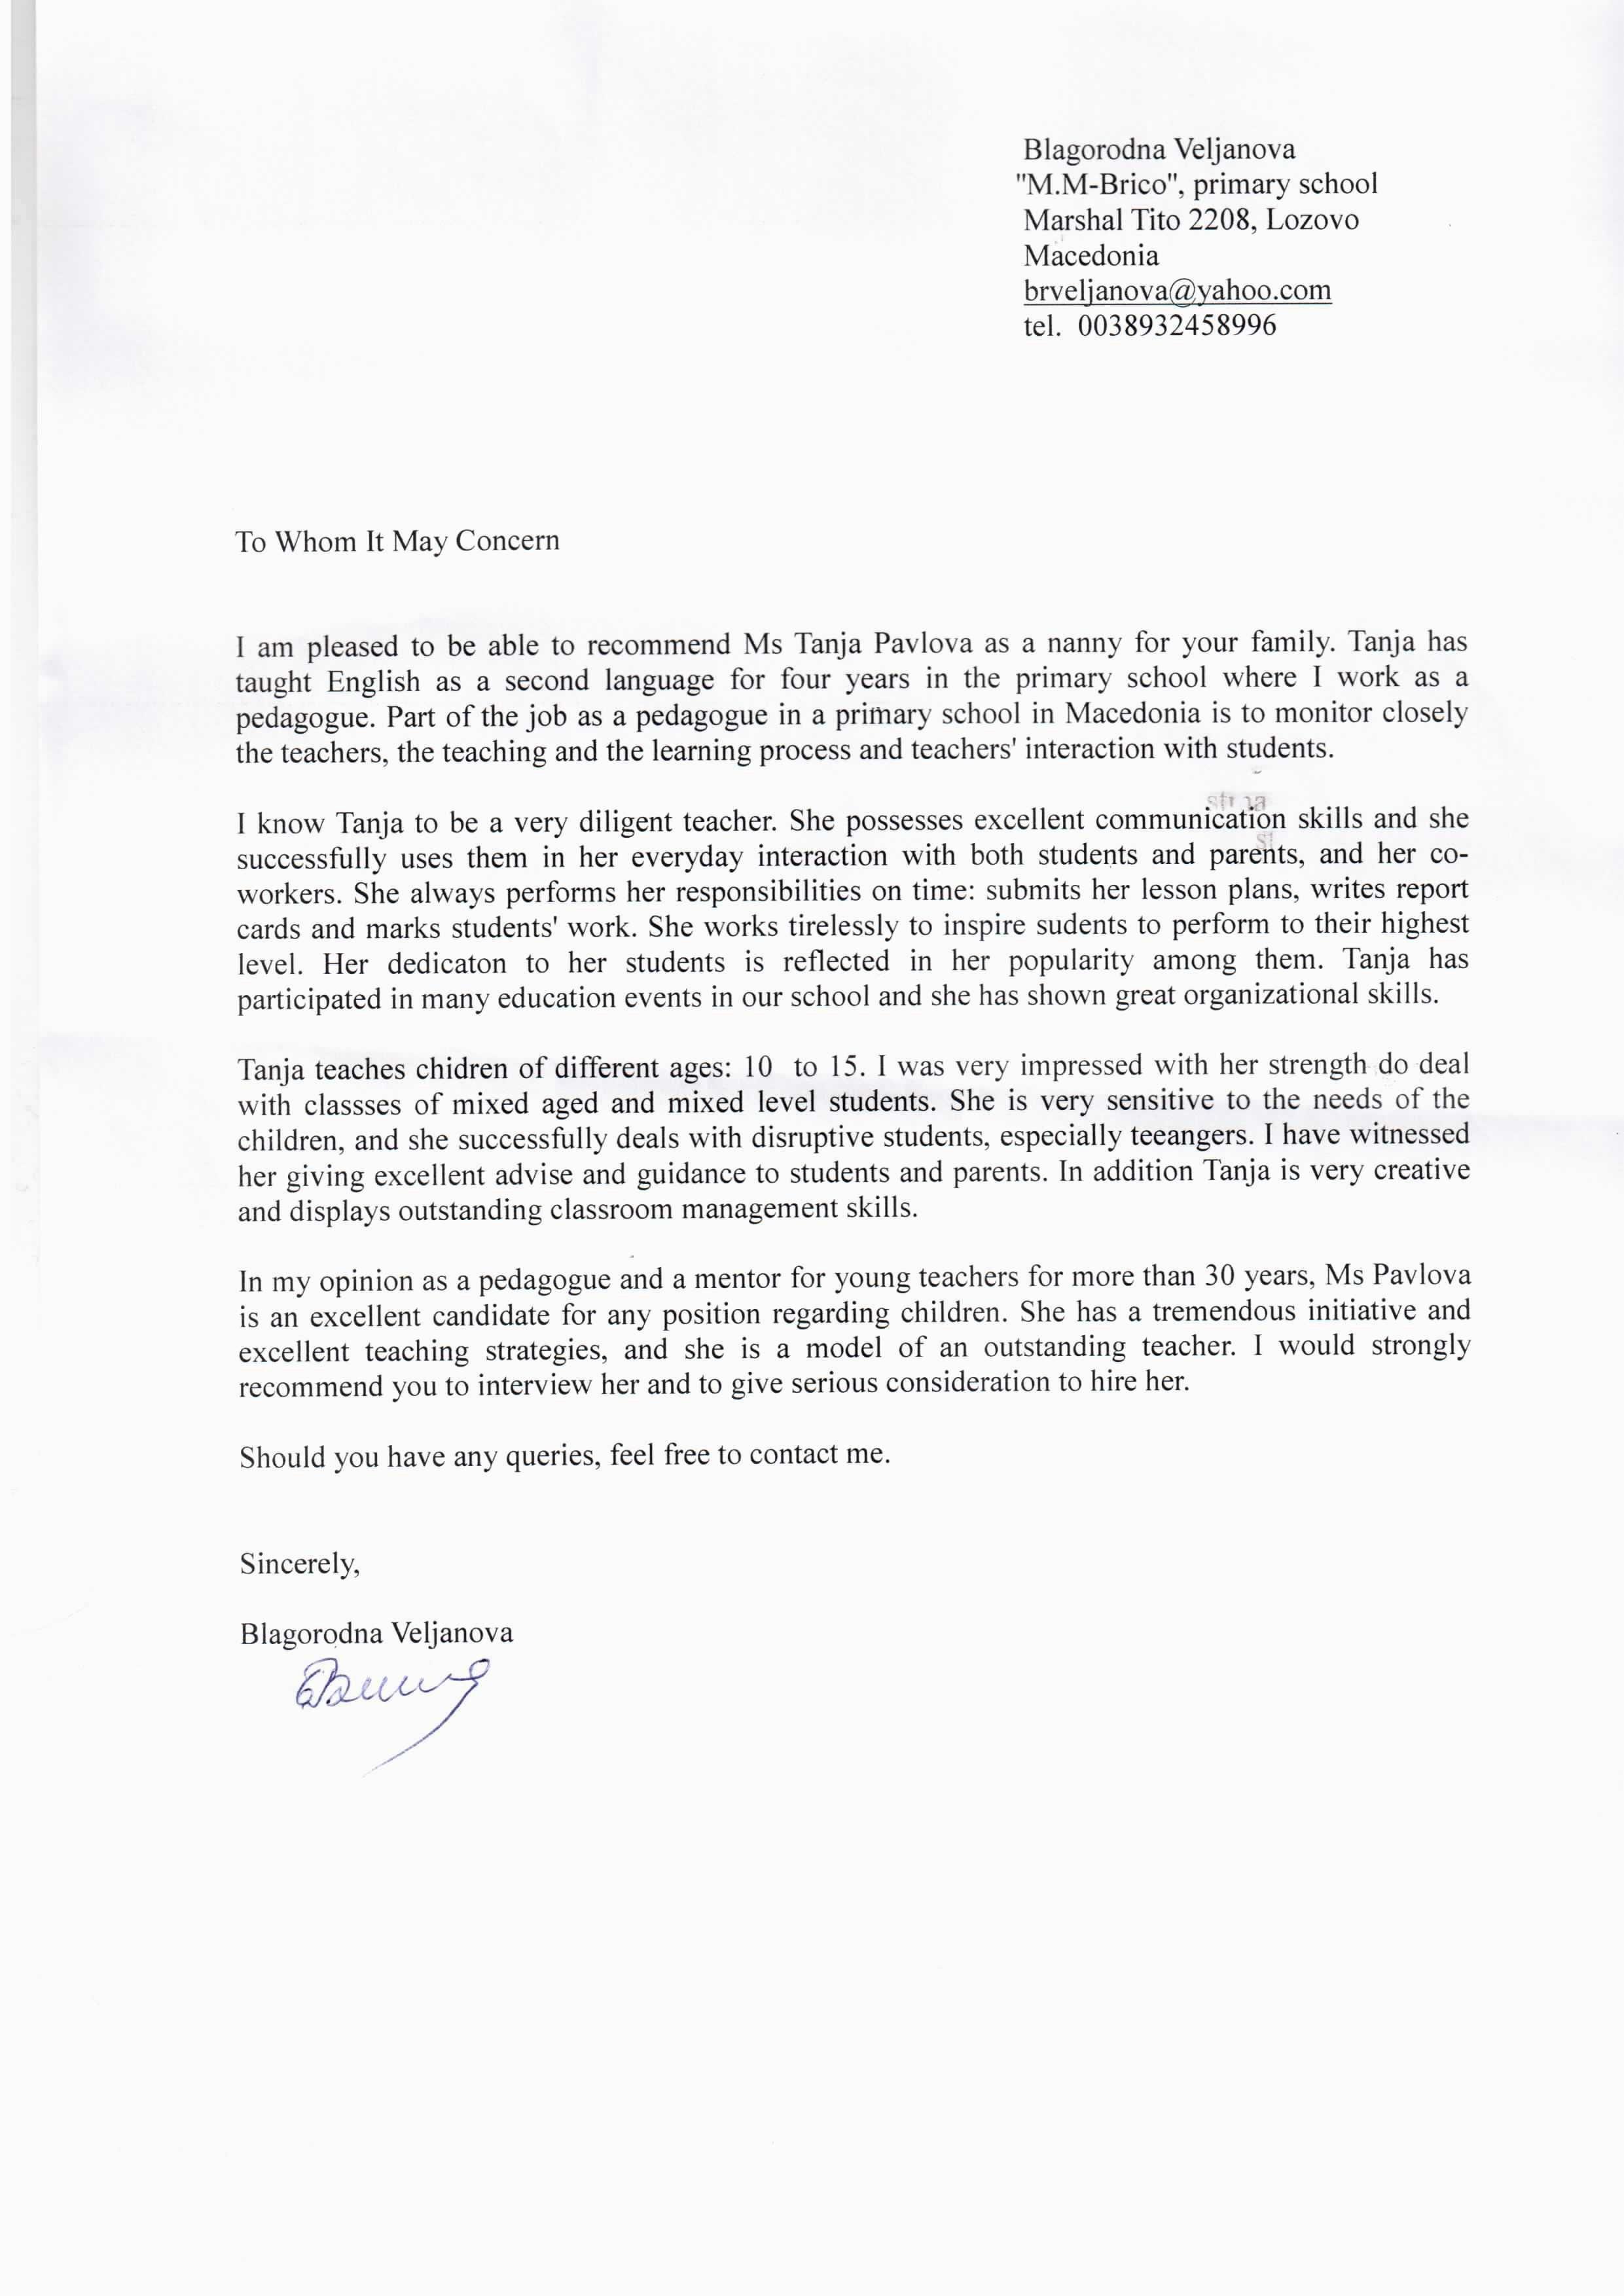 Nanny Letter Of Recommendation Best Of Reference Letter Nanny Efimorena